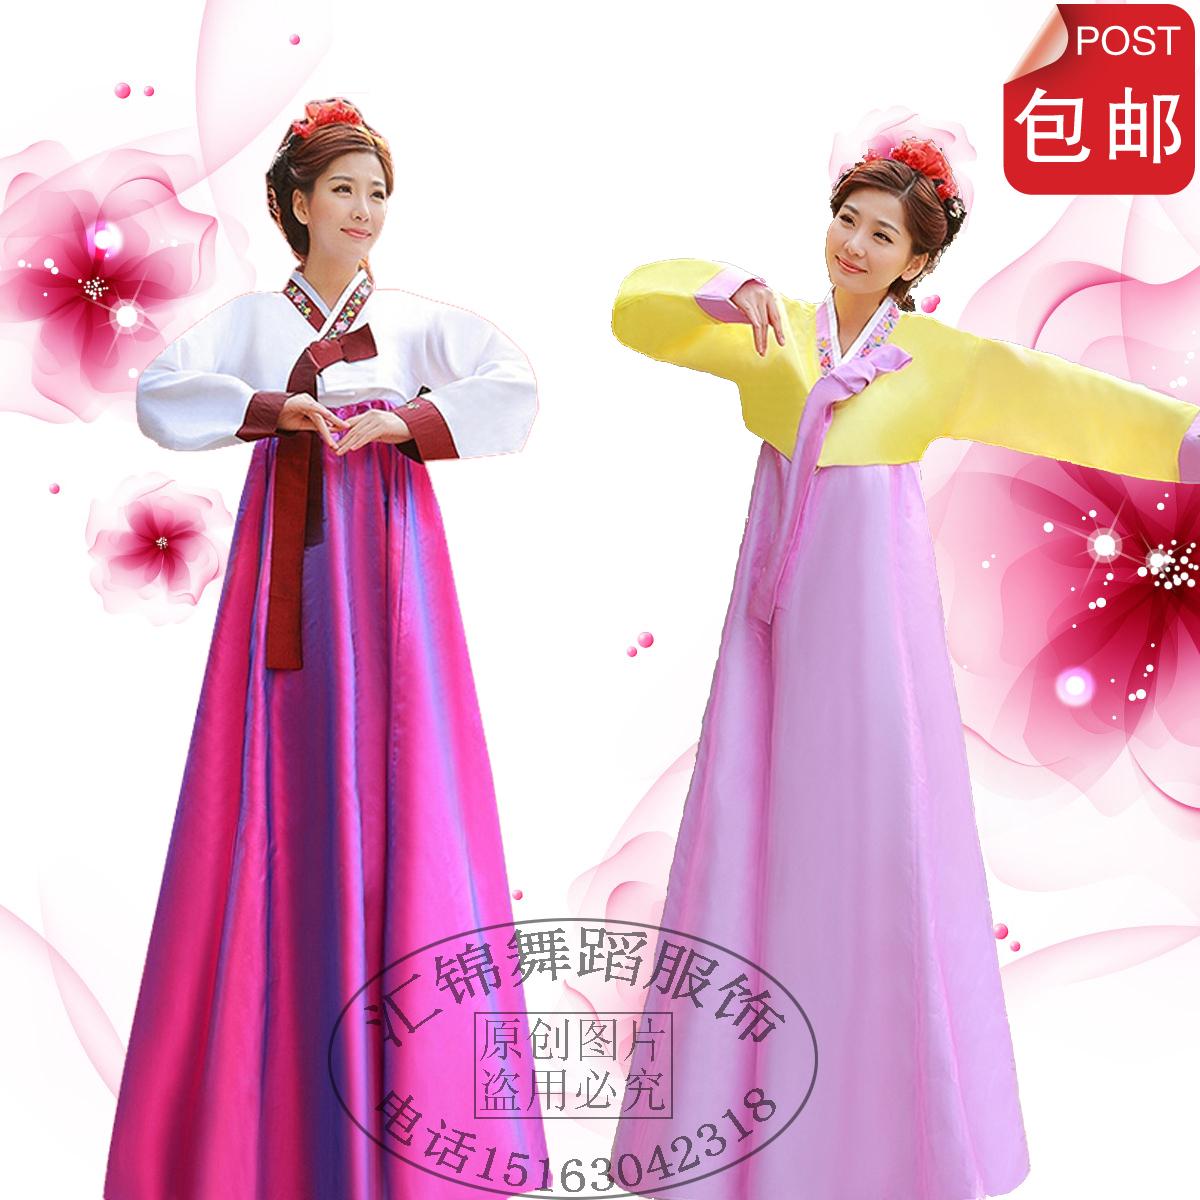 传统宫廷韩服成人礼服朝鲜族大长今舞蹈表演服古装女民族演出服装